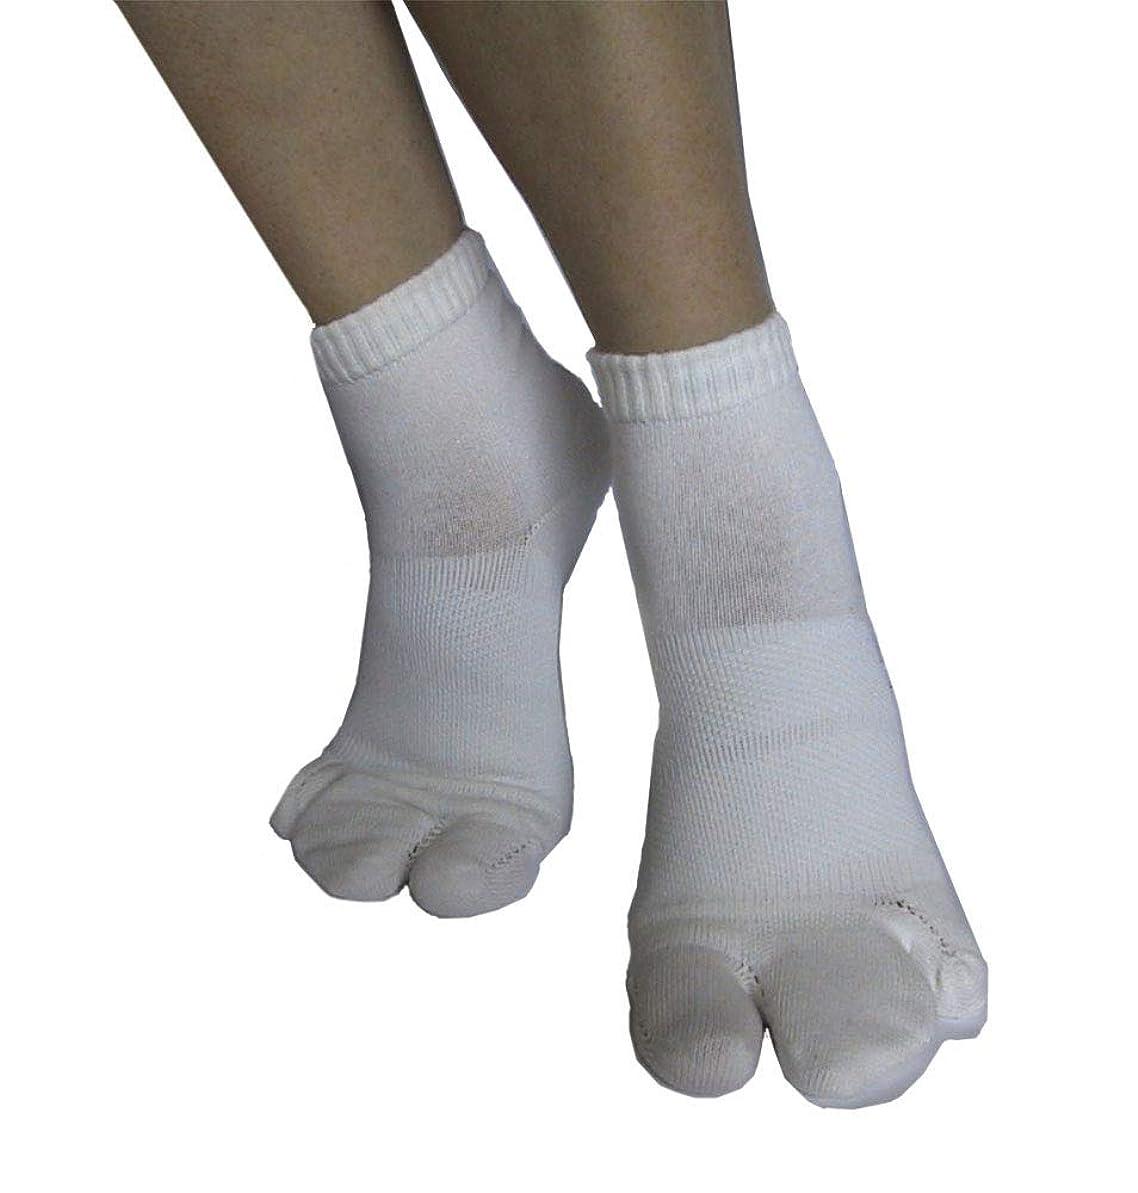 スロットスタジオ批判的にカサハラ式サポーター ホソックス3本指テーピング靴下 ホワイトM 23.5-24.5cm